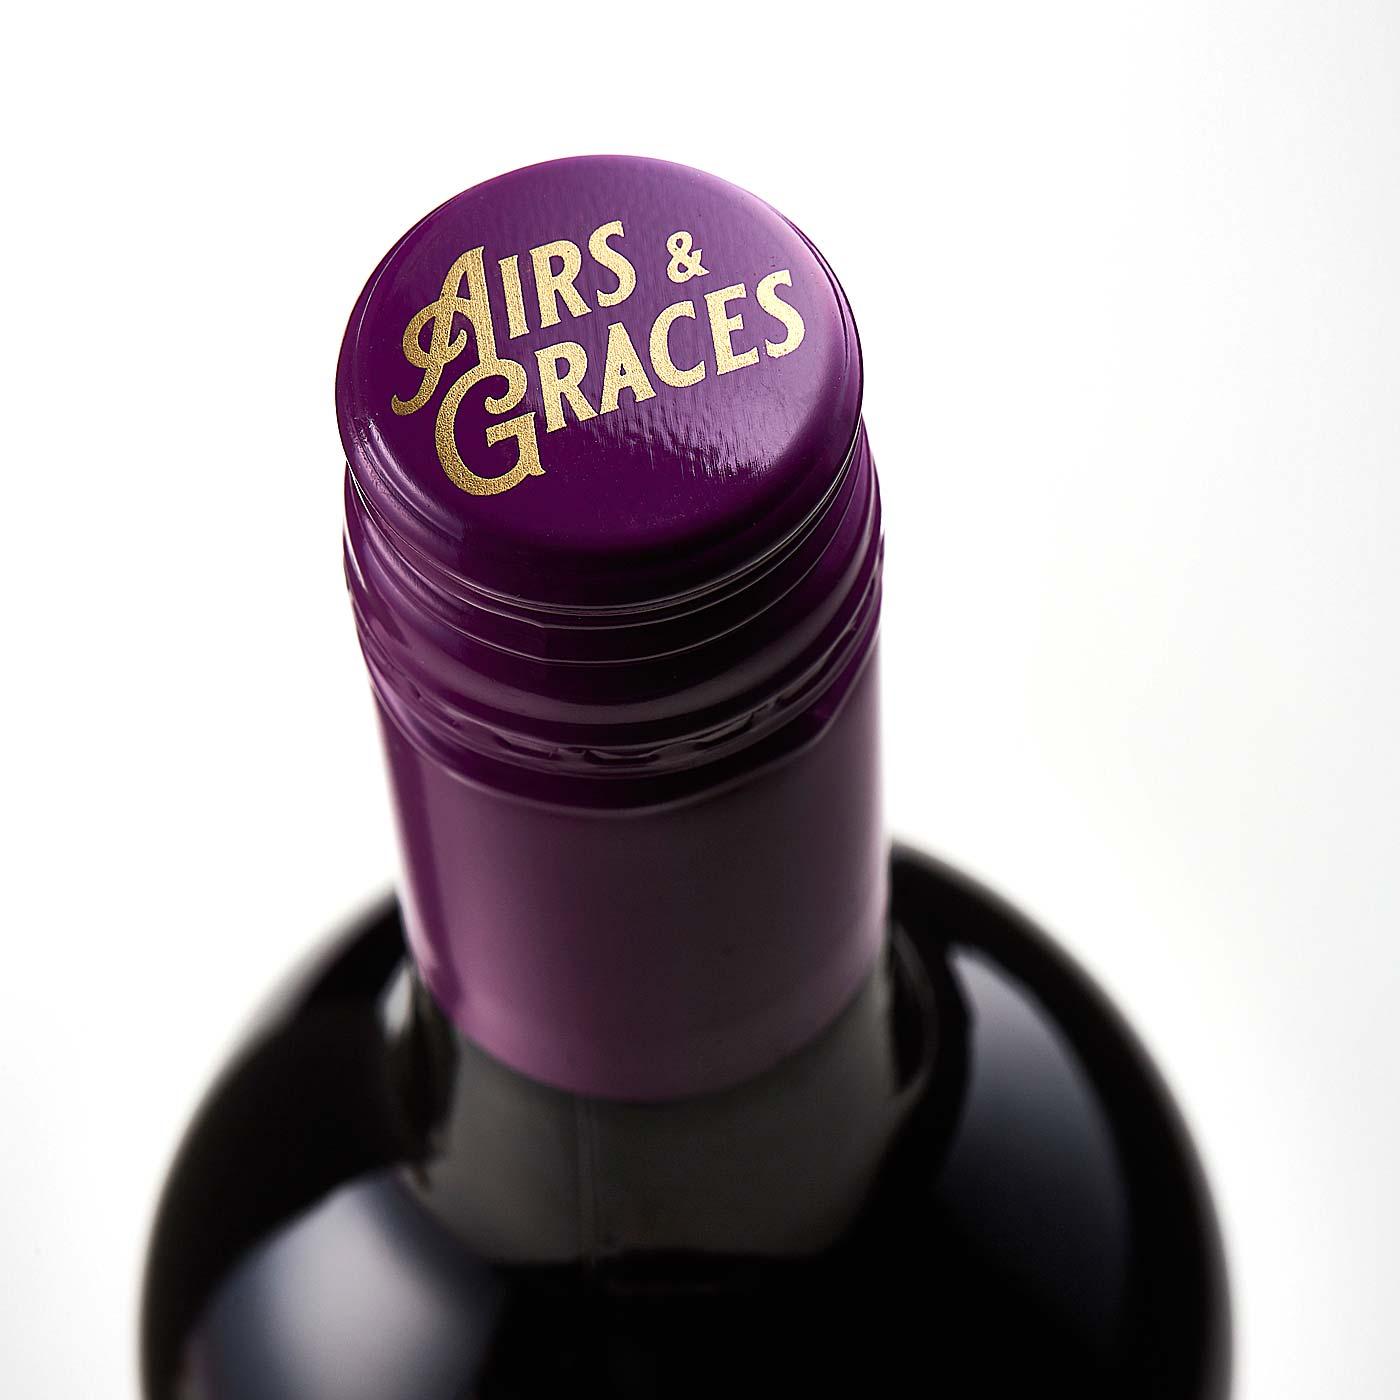 airesandgraces_wine-bottle_1230_1078.jpg